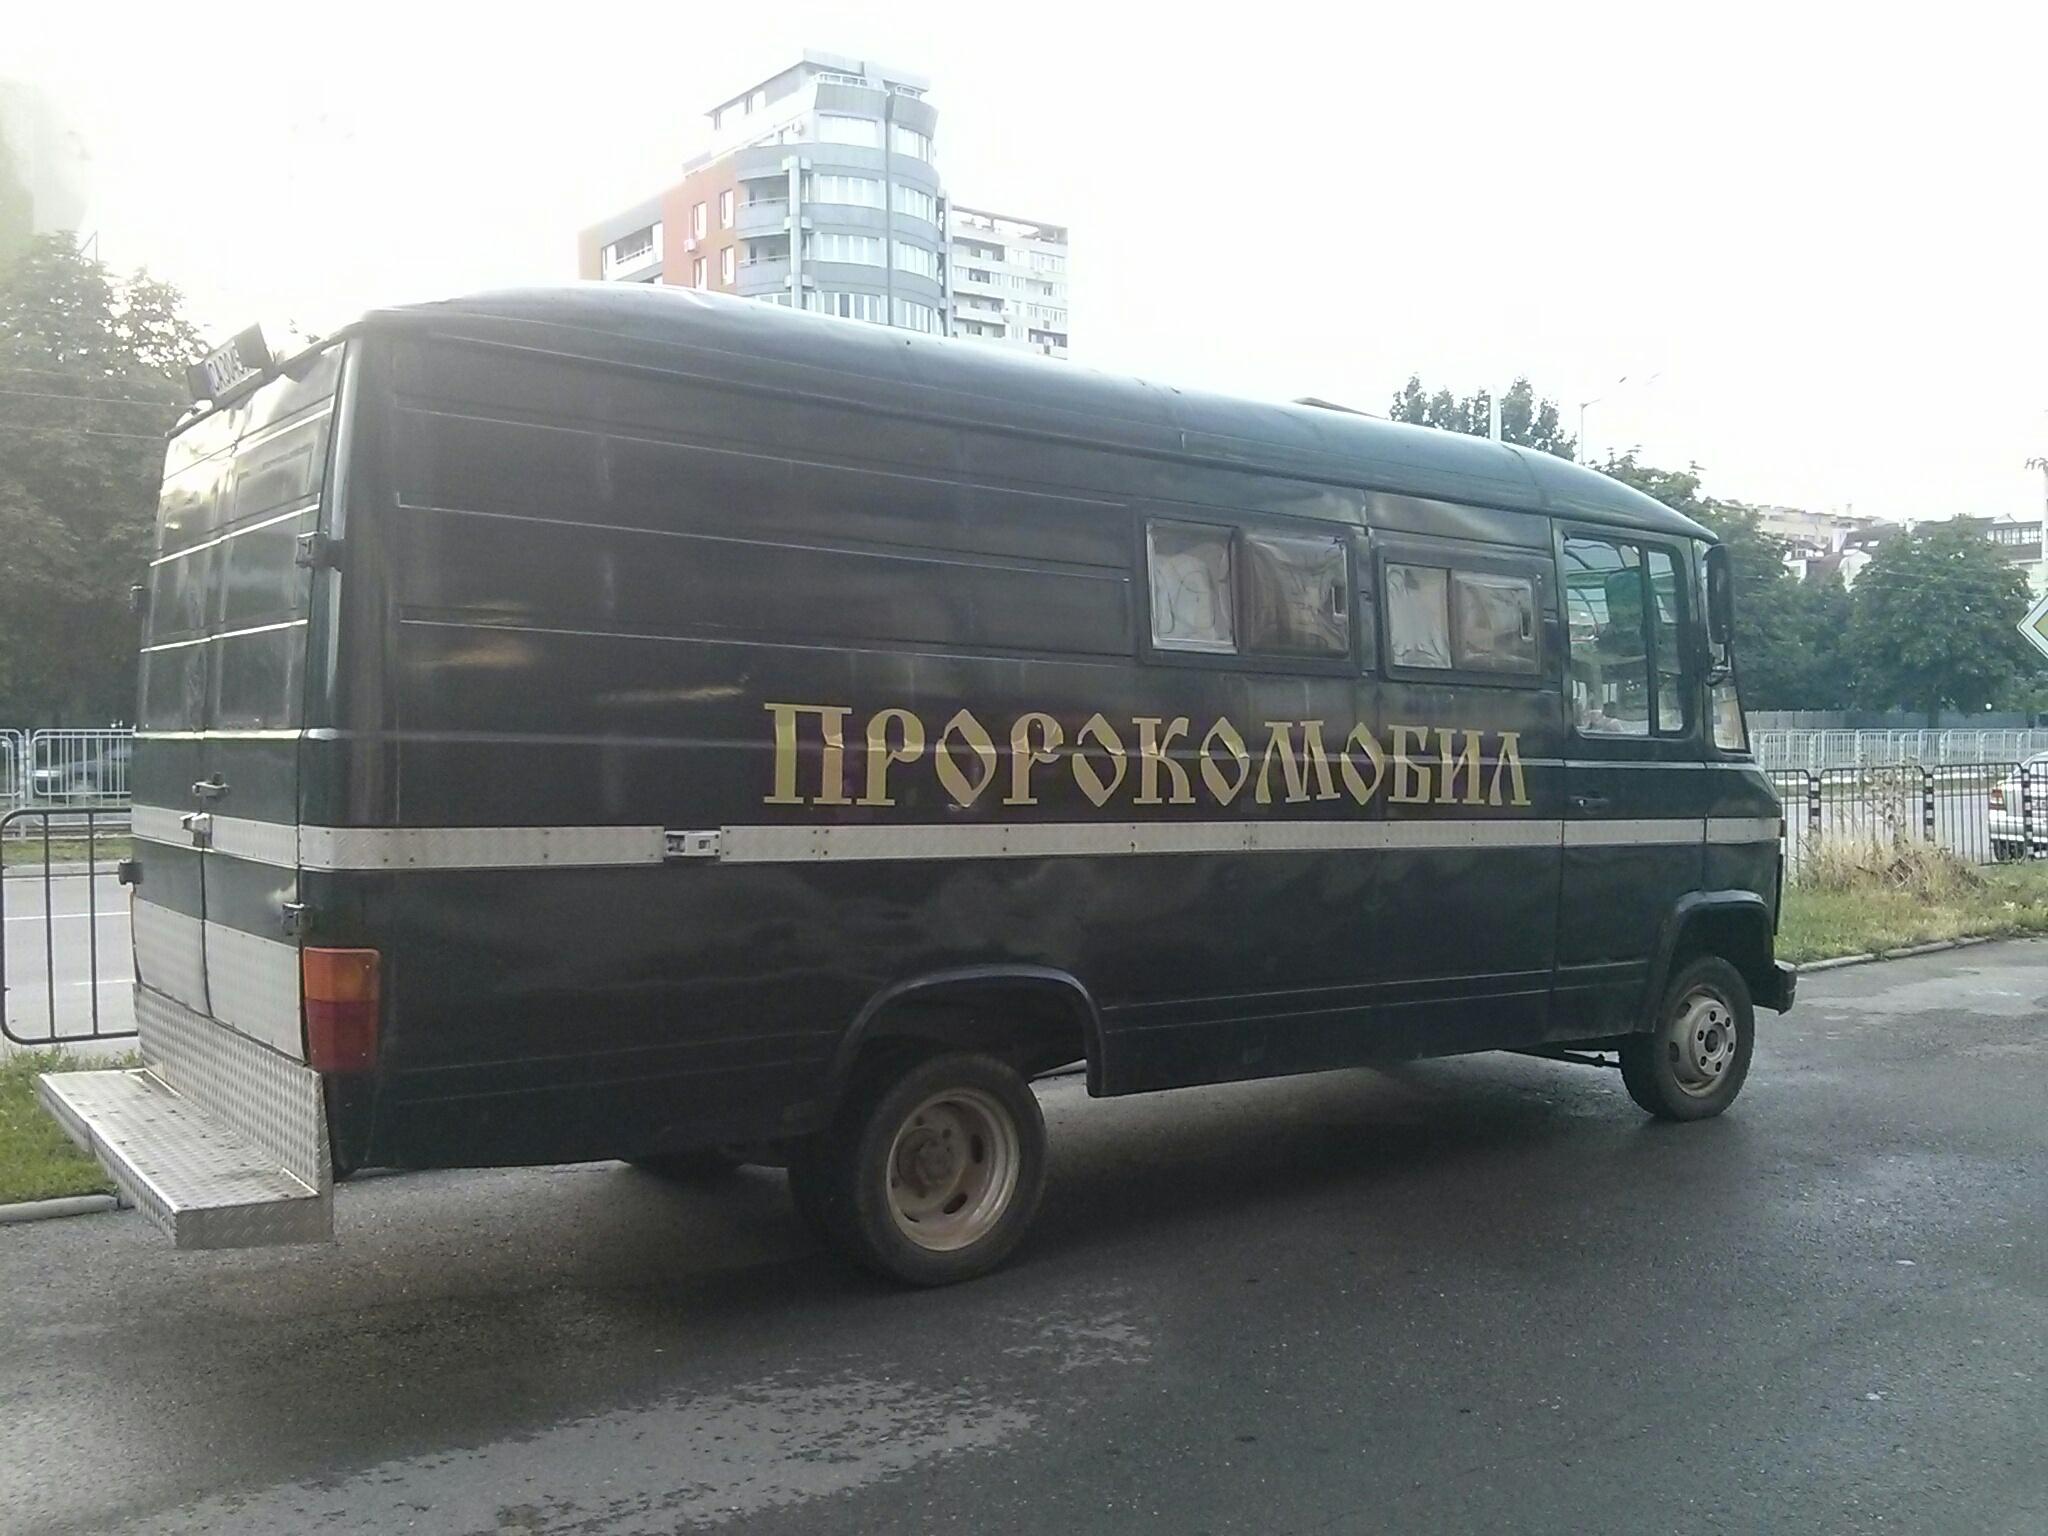 The prophetmobile